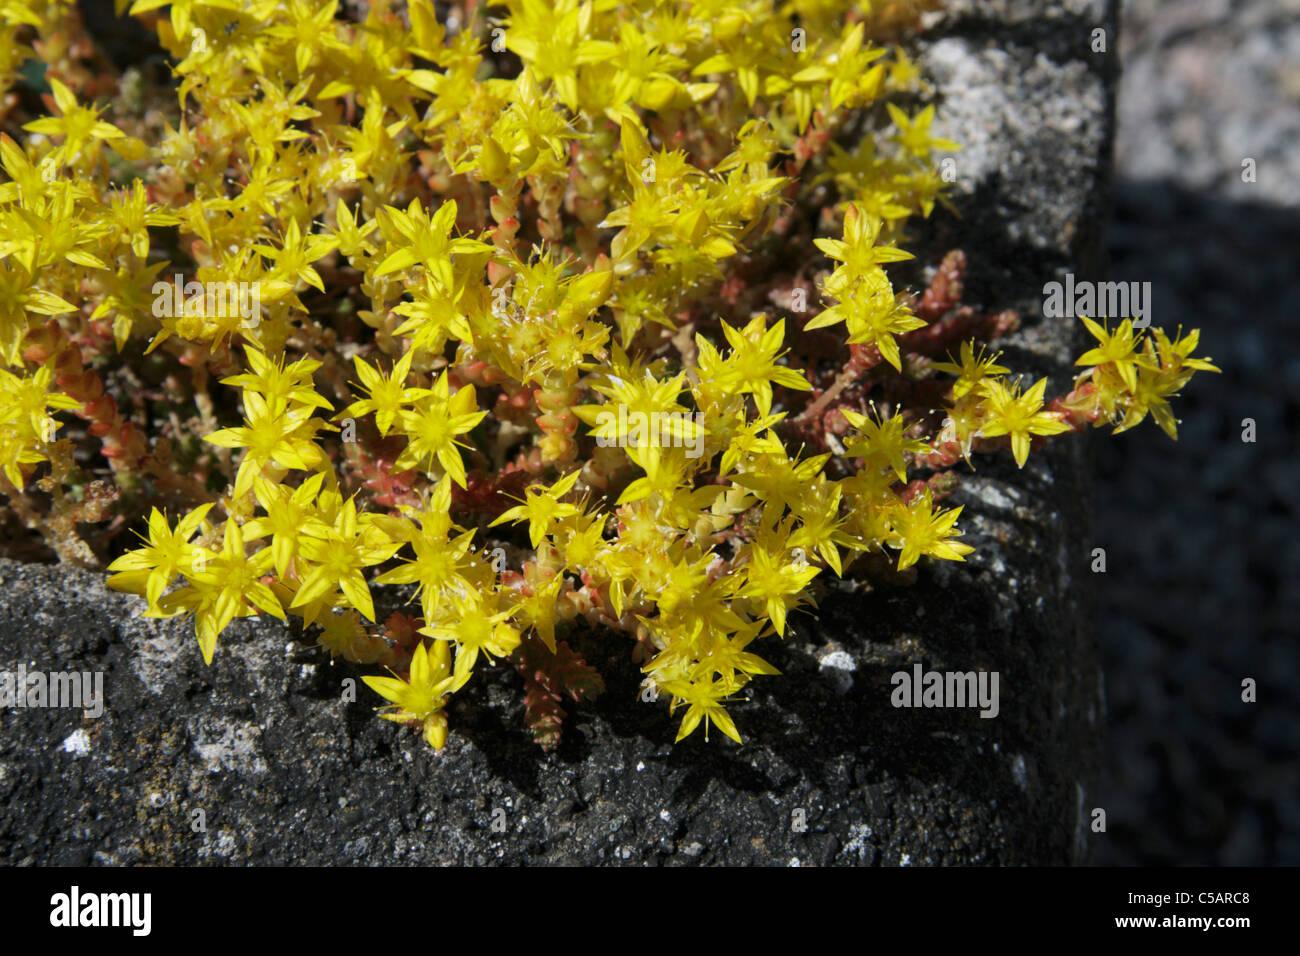 Yellow flowers of sedum acre in alpine trough in garden stock photo yellow flowers of sedum acre in alpine trough in garden mightylinksfo